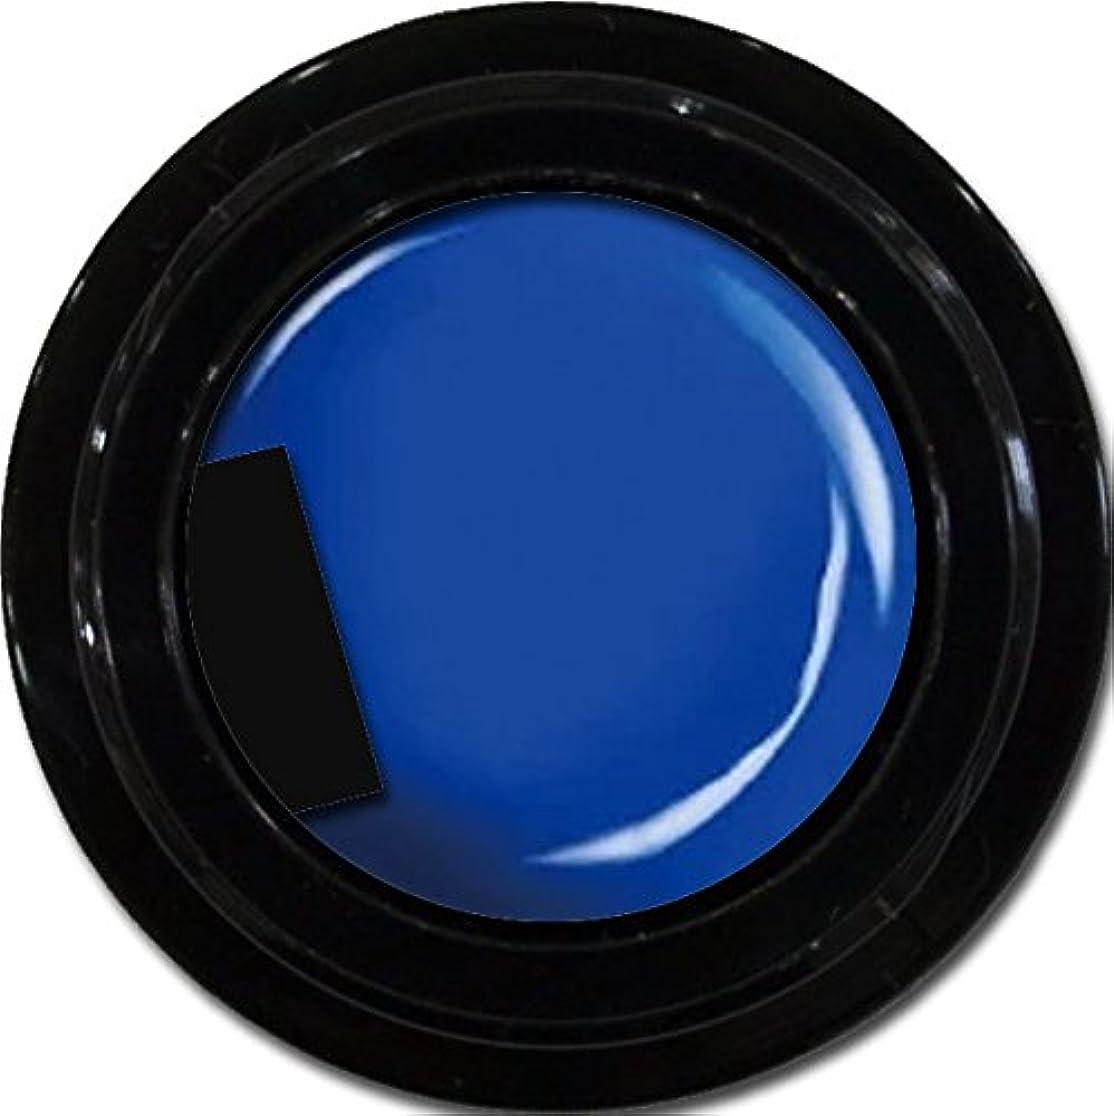 スポーツマン警察パッケージカラージェル enchant color gel M708 UltraMarine 3g/ マットカラージェル M708 ウルトラマリン 3グラム